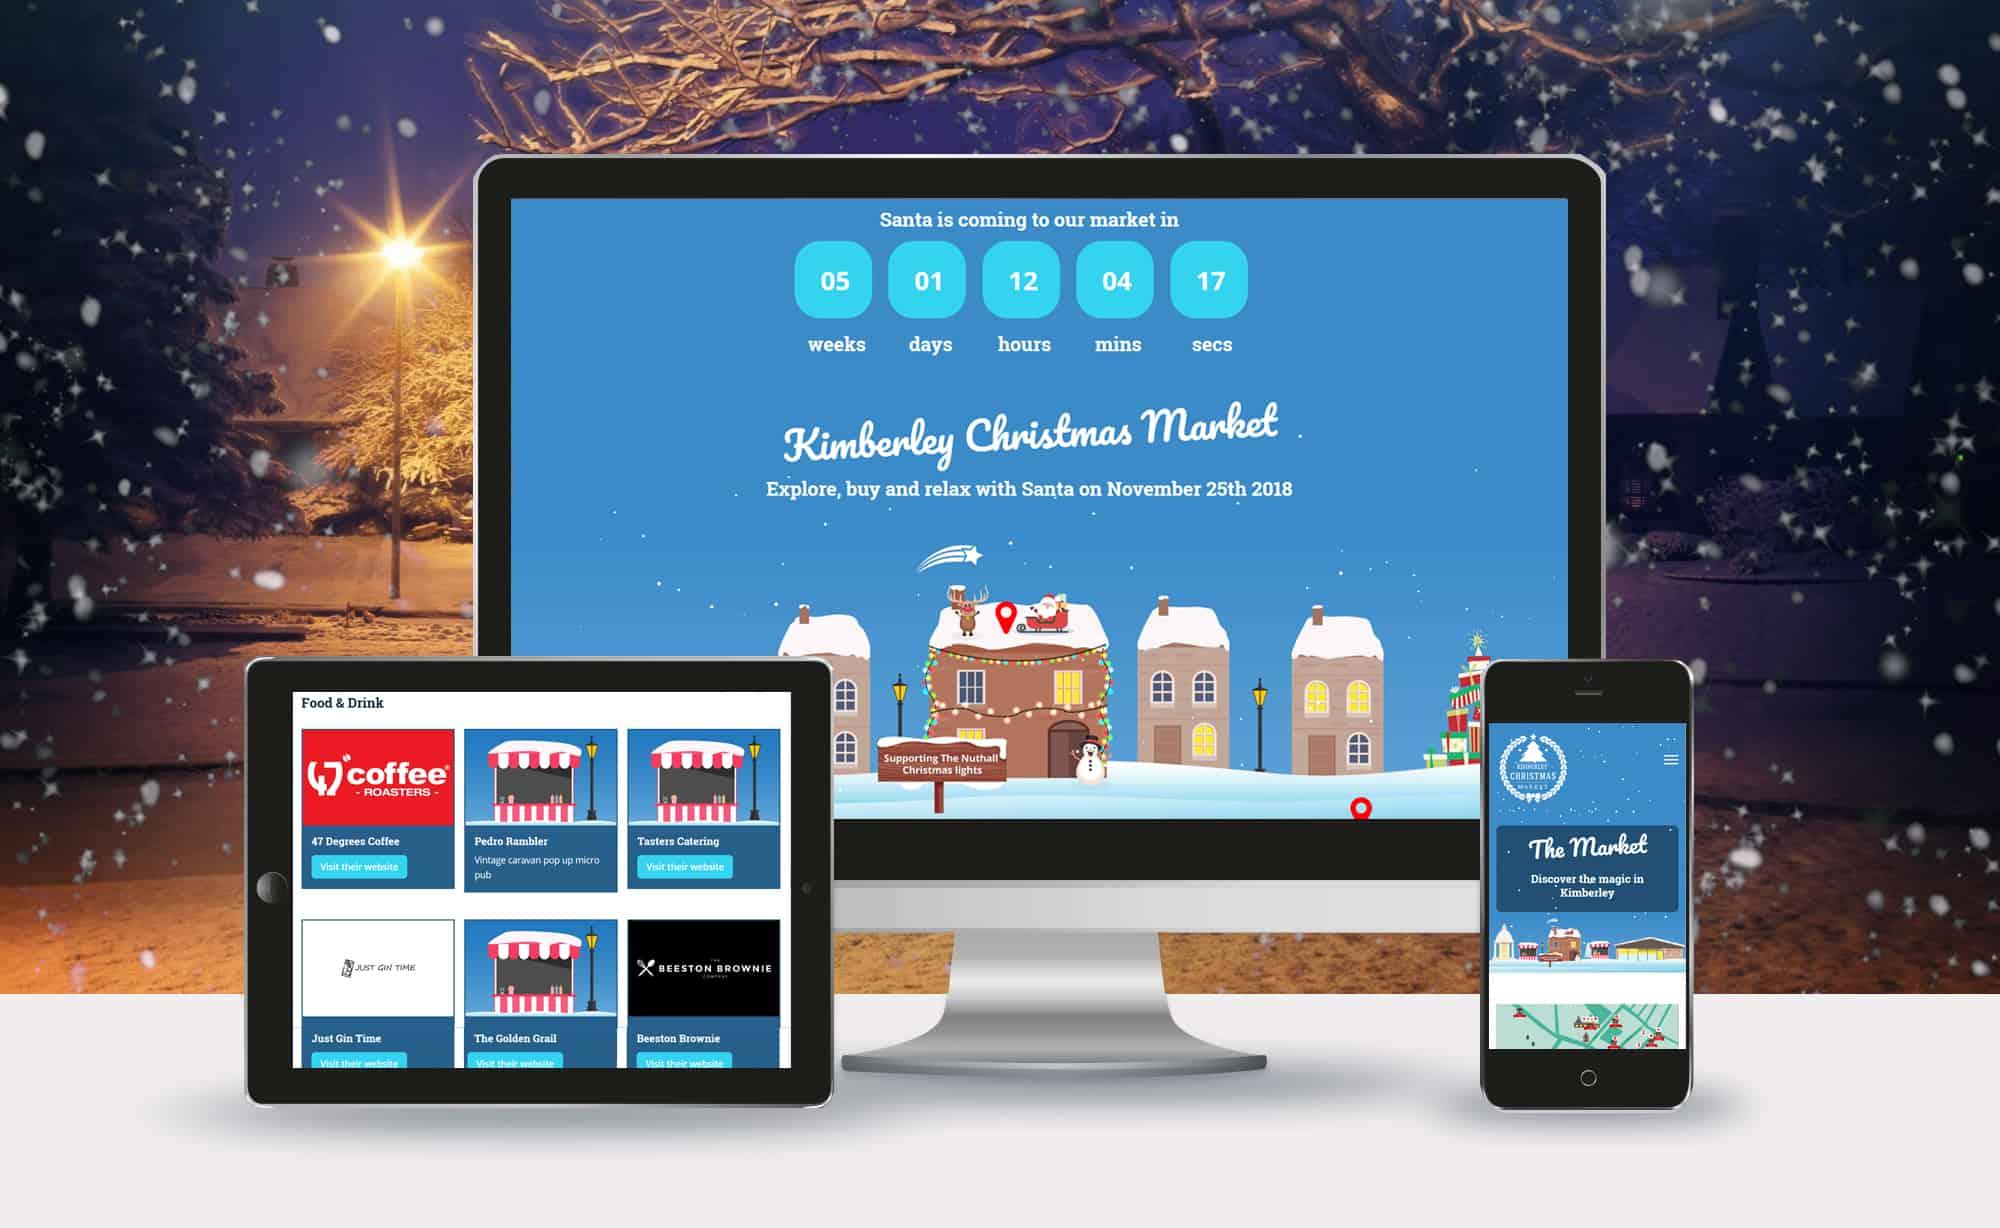 Kimberley Christmas Market